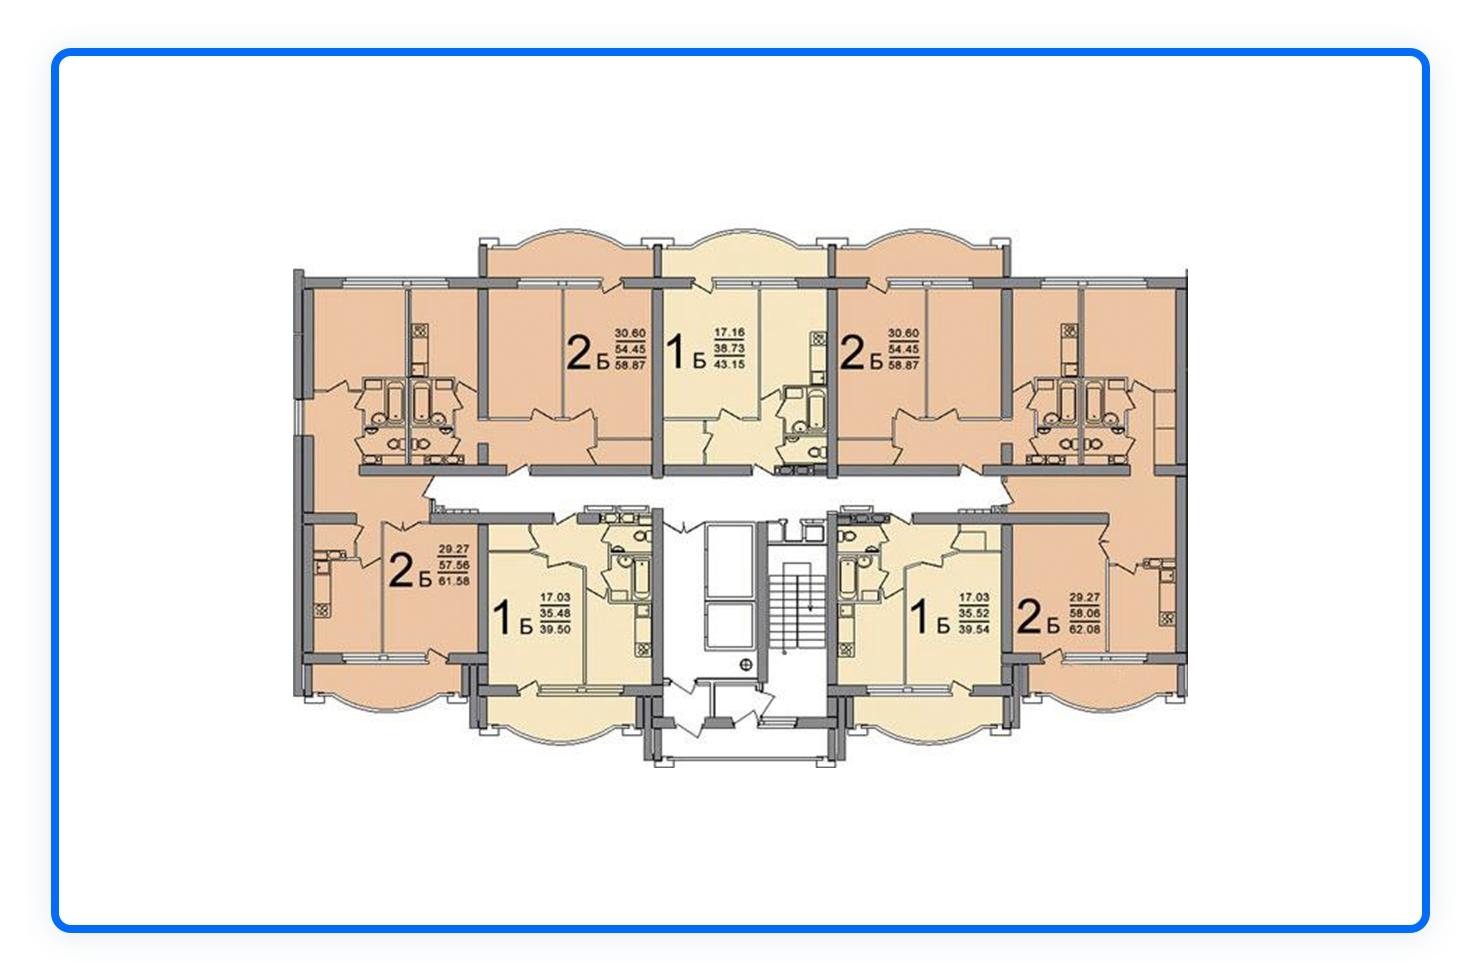 планировки многоквартирных жилых домов за рубежом